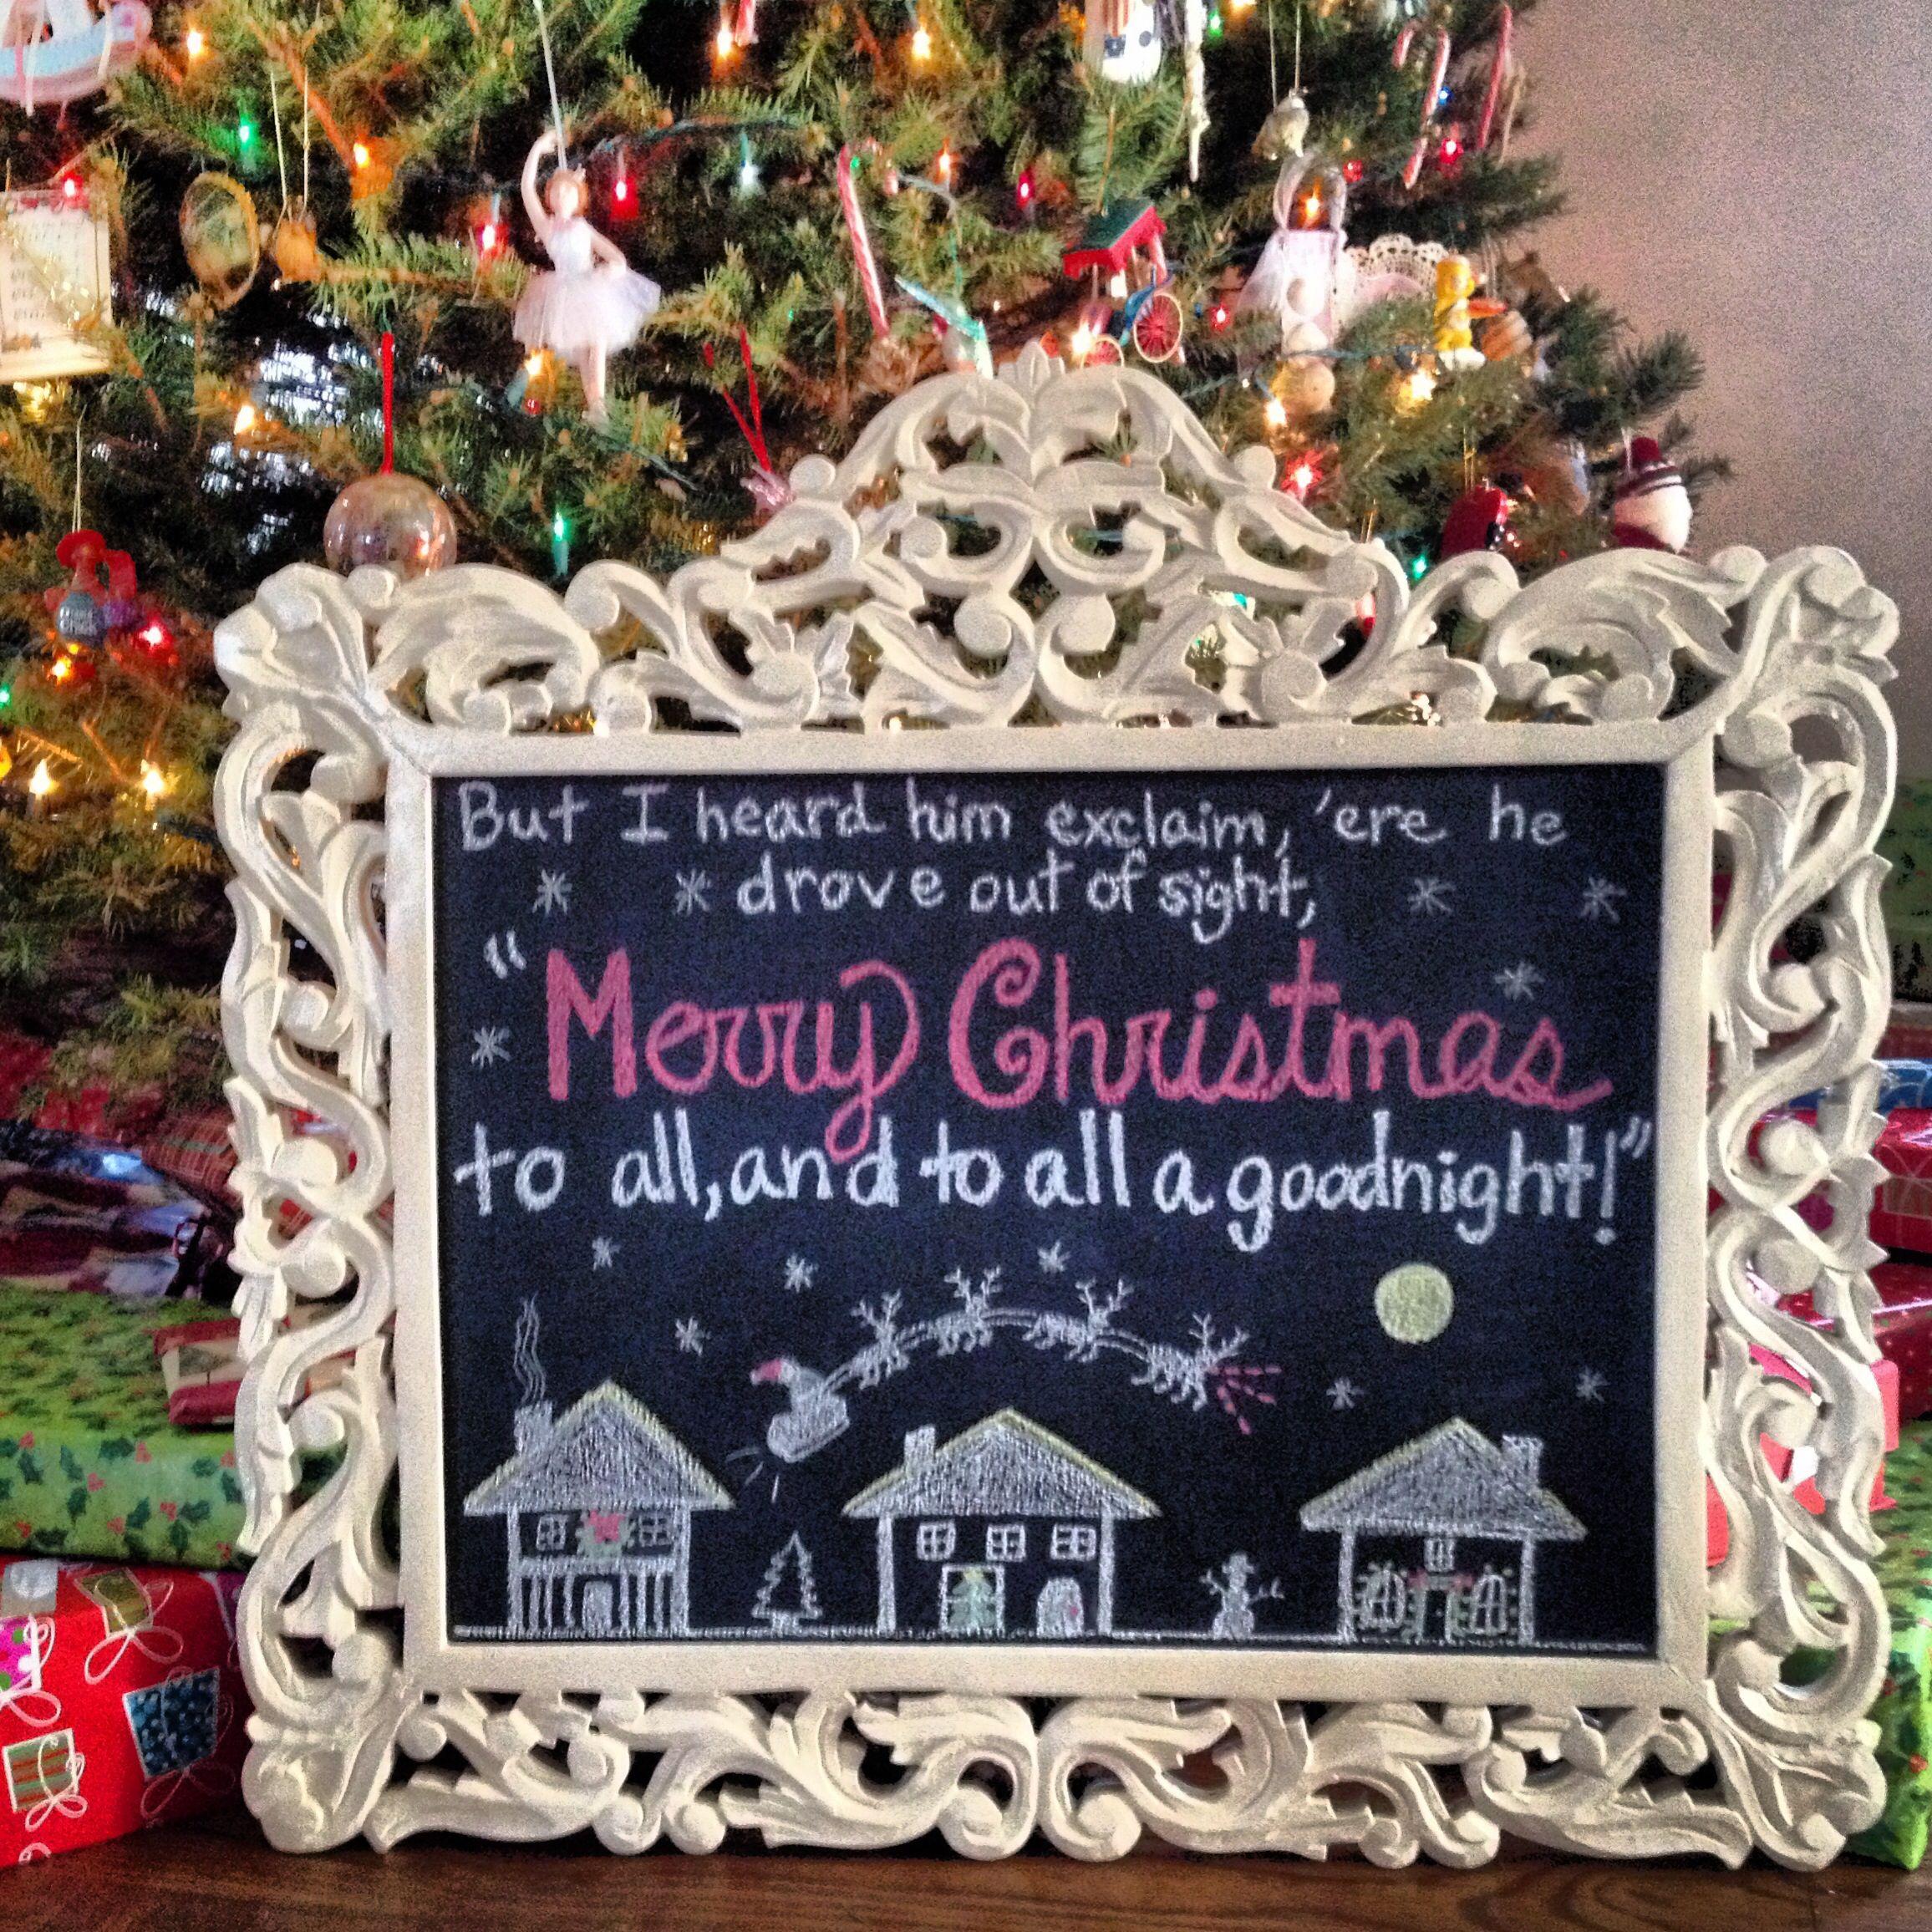 Christmas chalkboard!